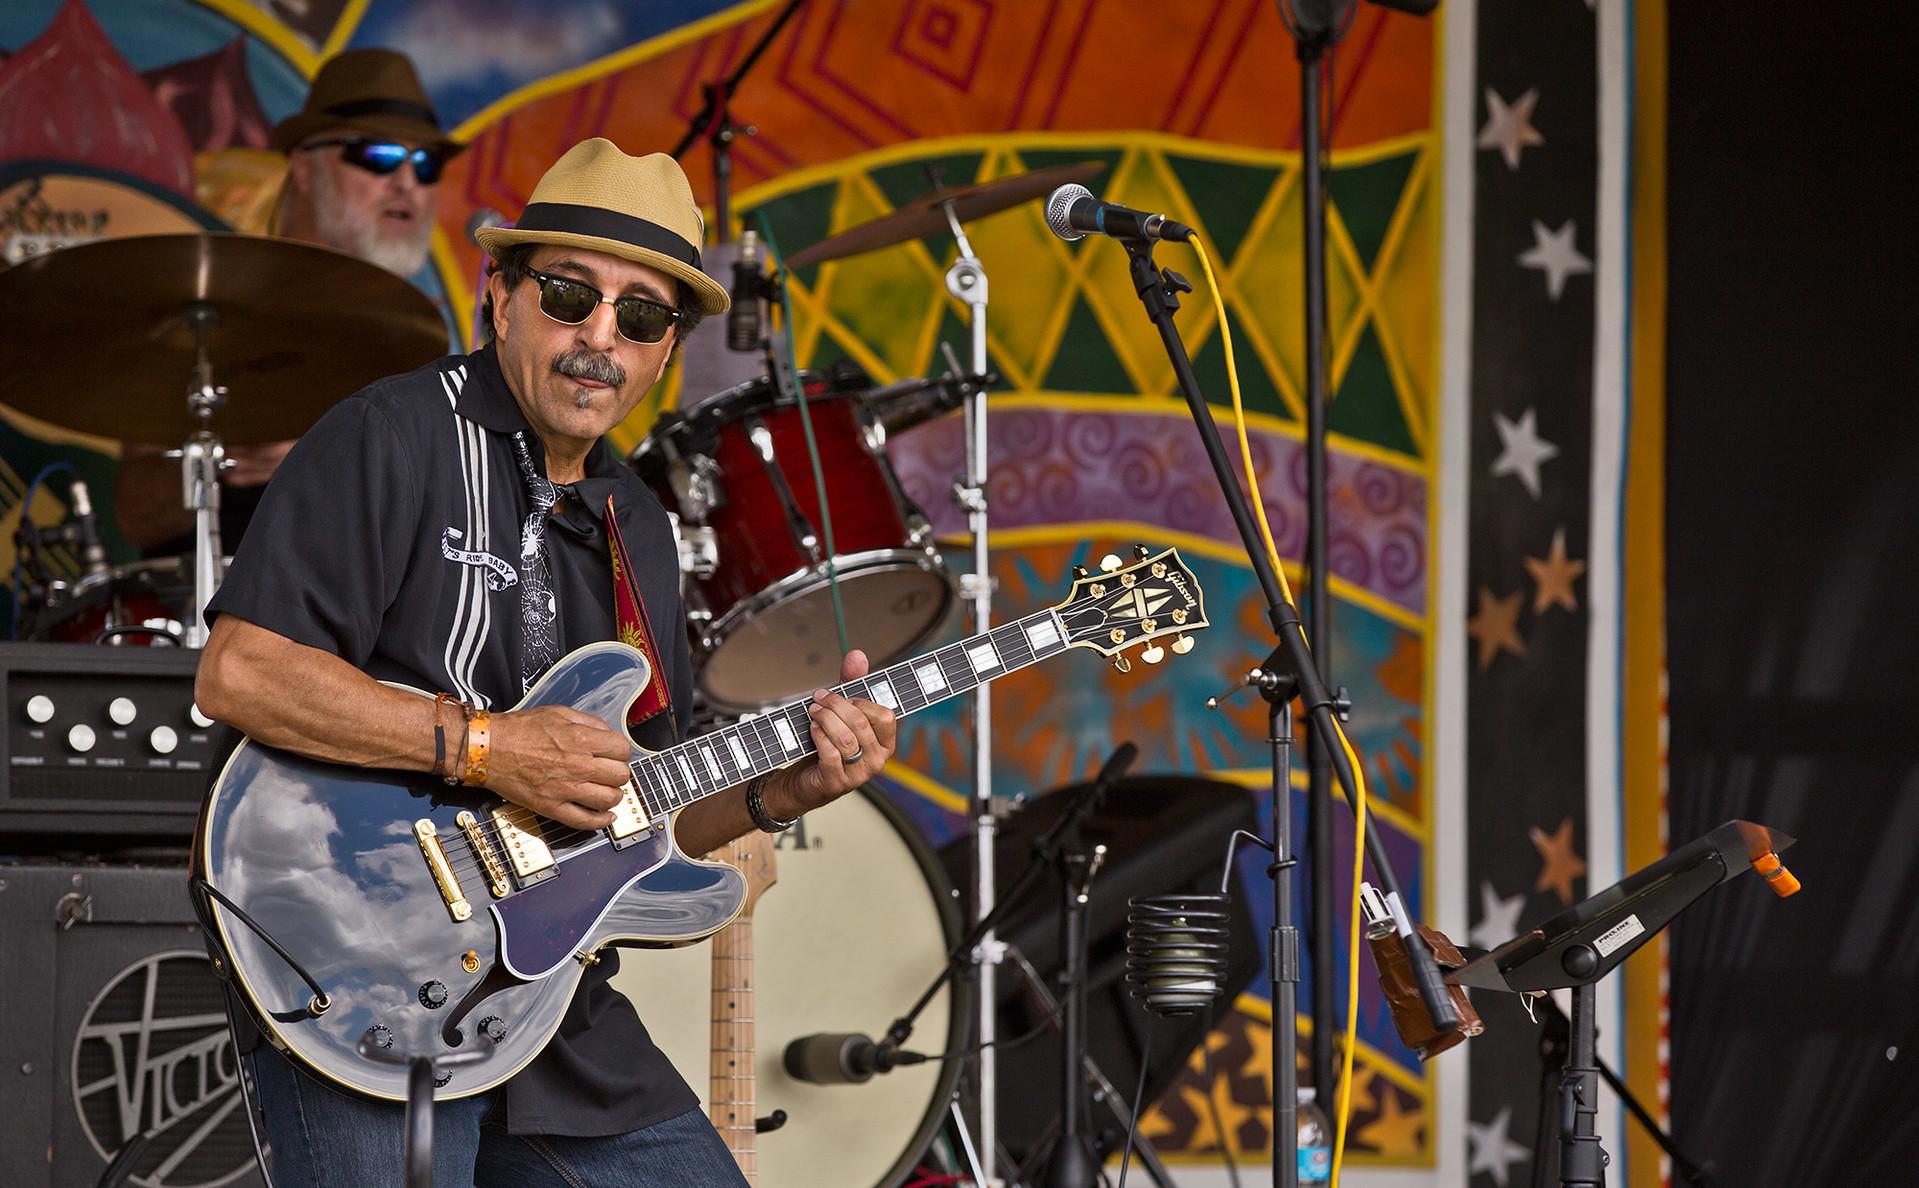 Rockin' the Crestone Music Festival